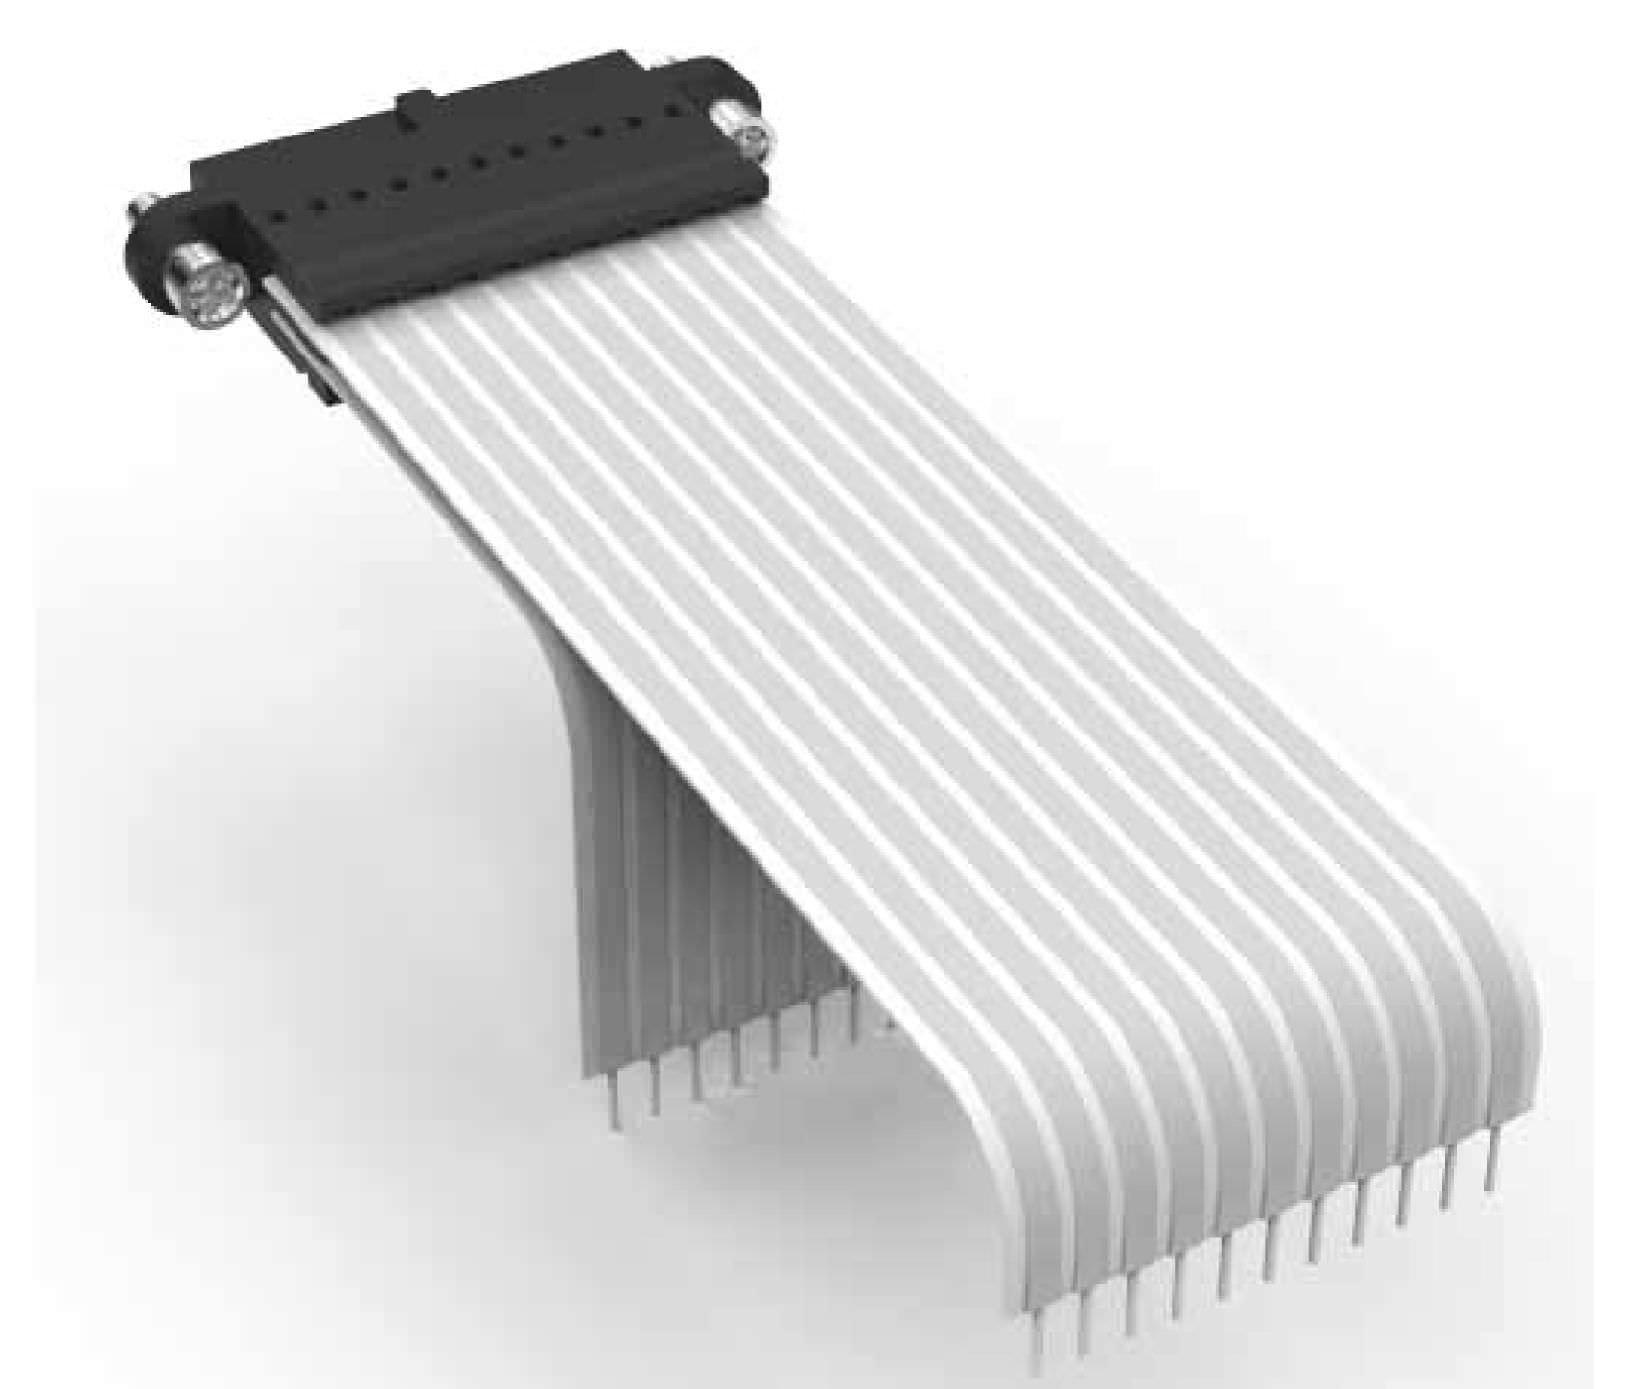 PCB connector / board-to-wire / flat / crimp - Micro-Flex - Nicomatic